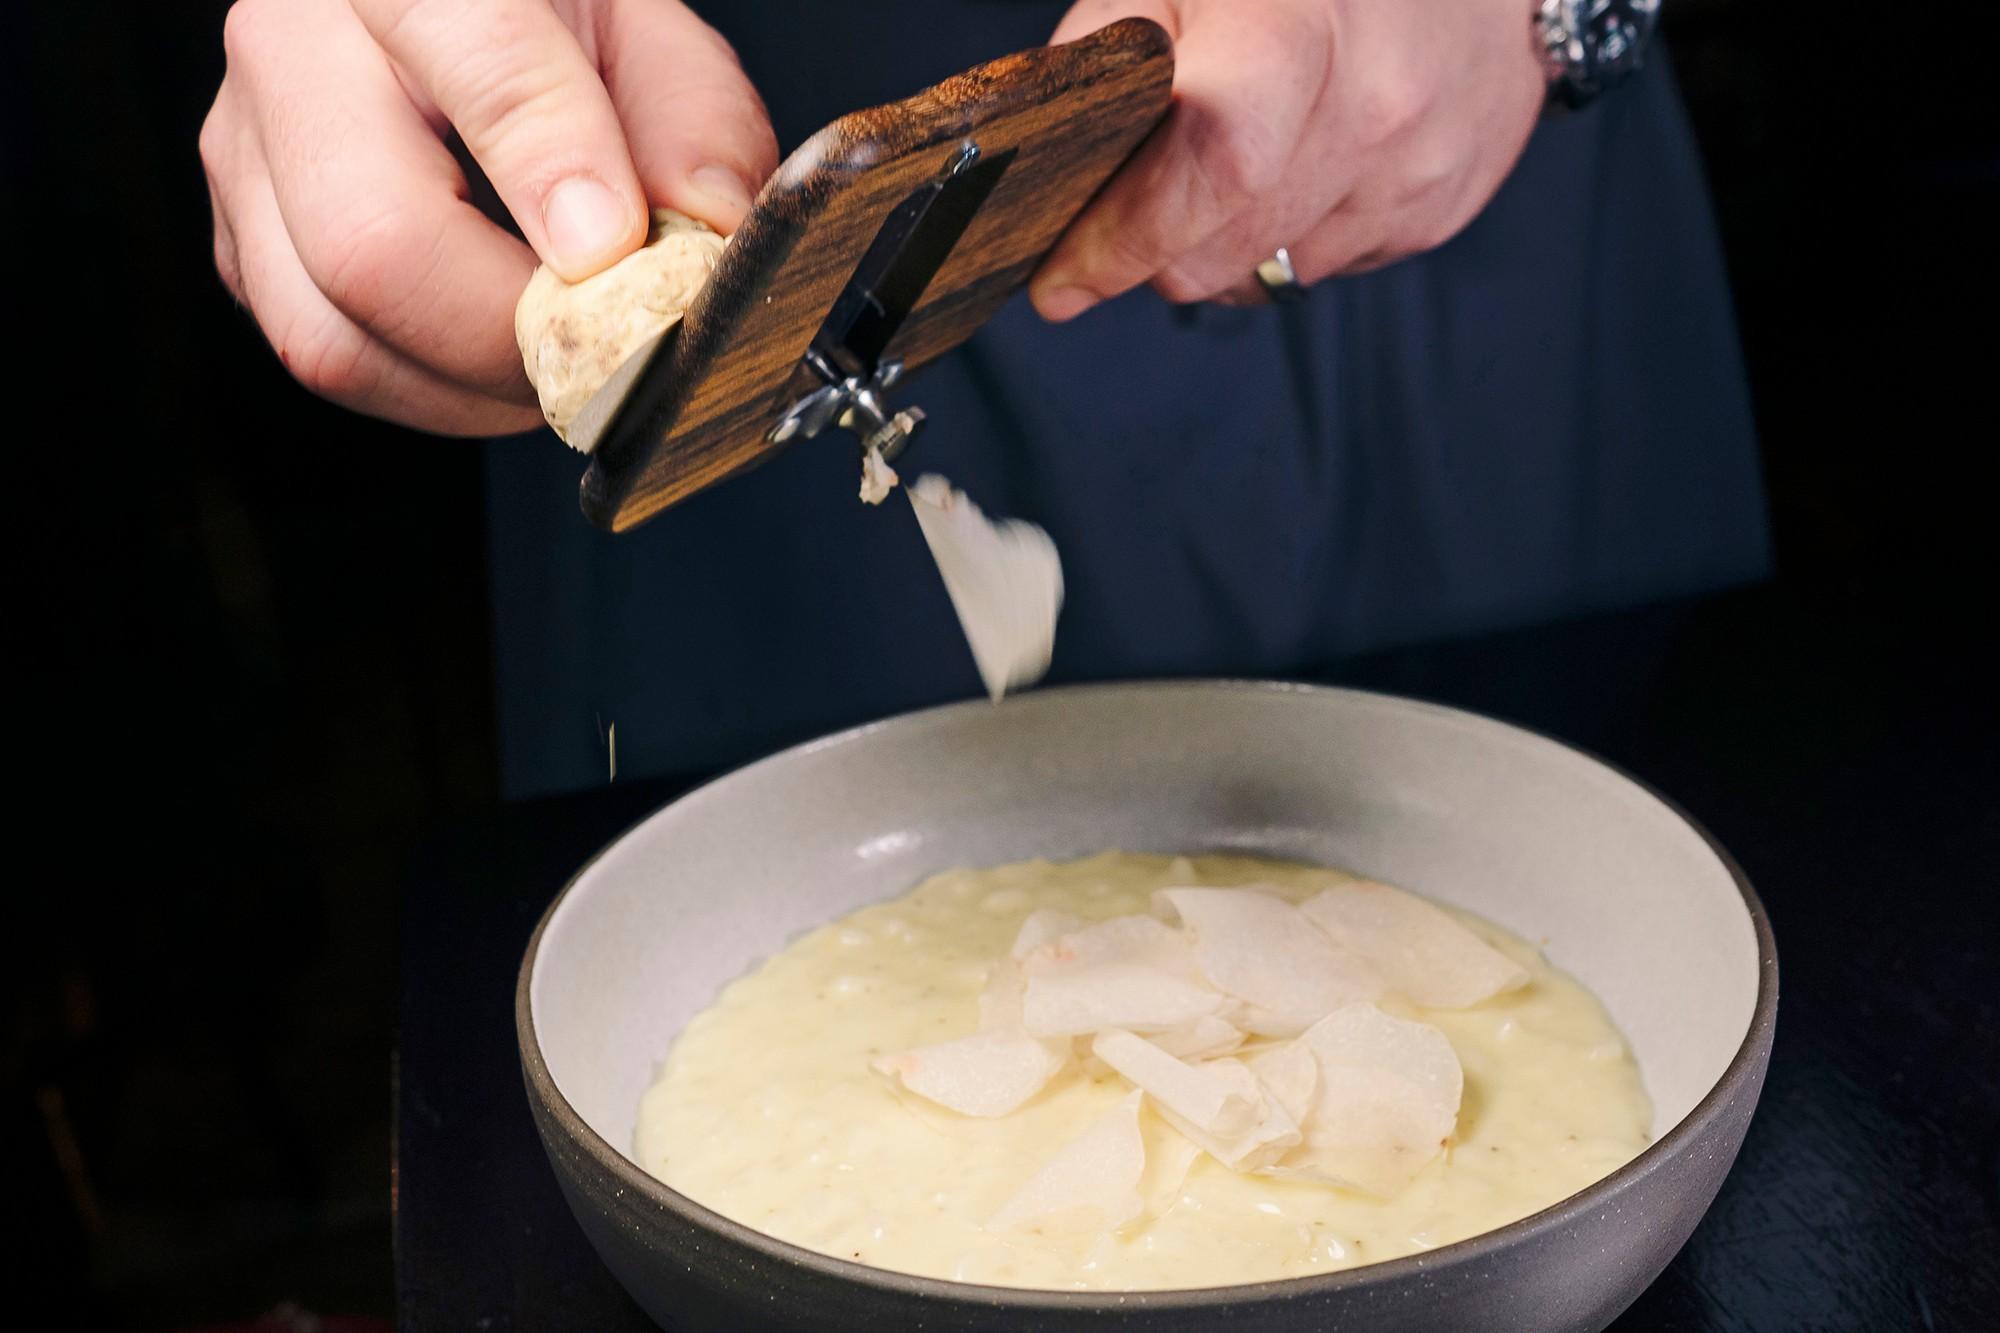 Nấm truffles: nguyên liệu được xưng tụng là thần thánh của các nhà hàng hạng sang, có giá lên đến 1 tỷ cho khoảng 2kg - Ảnh 5.